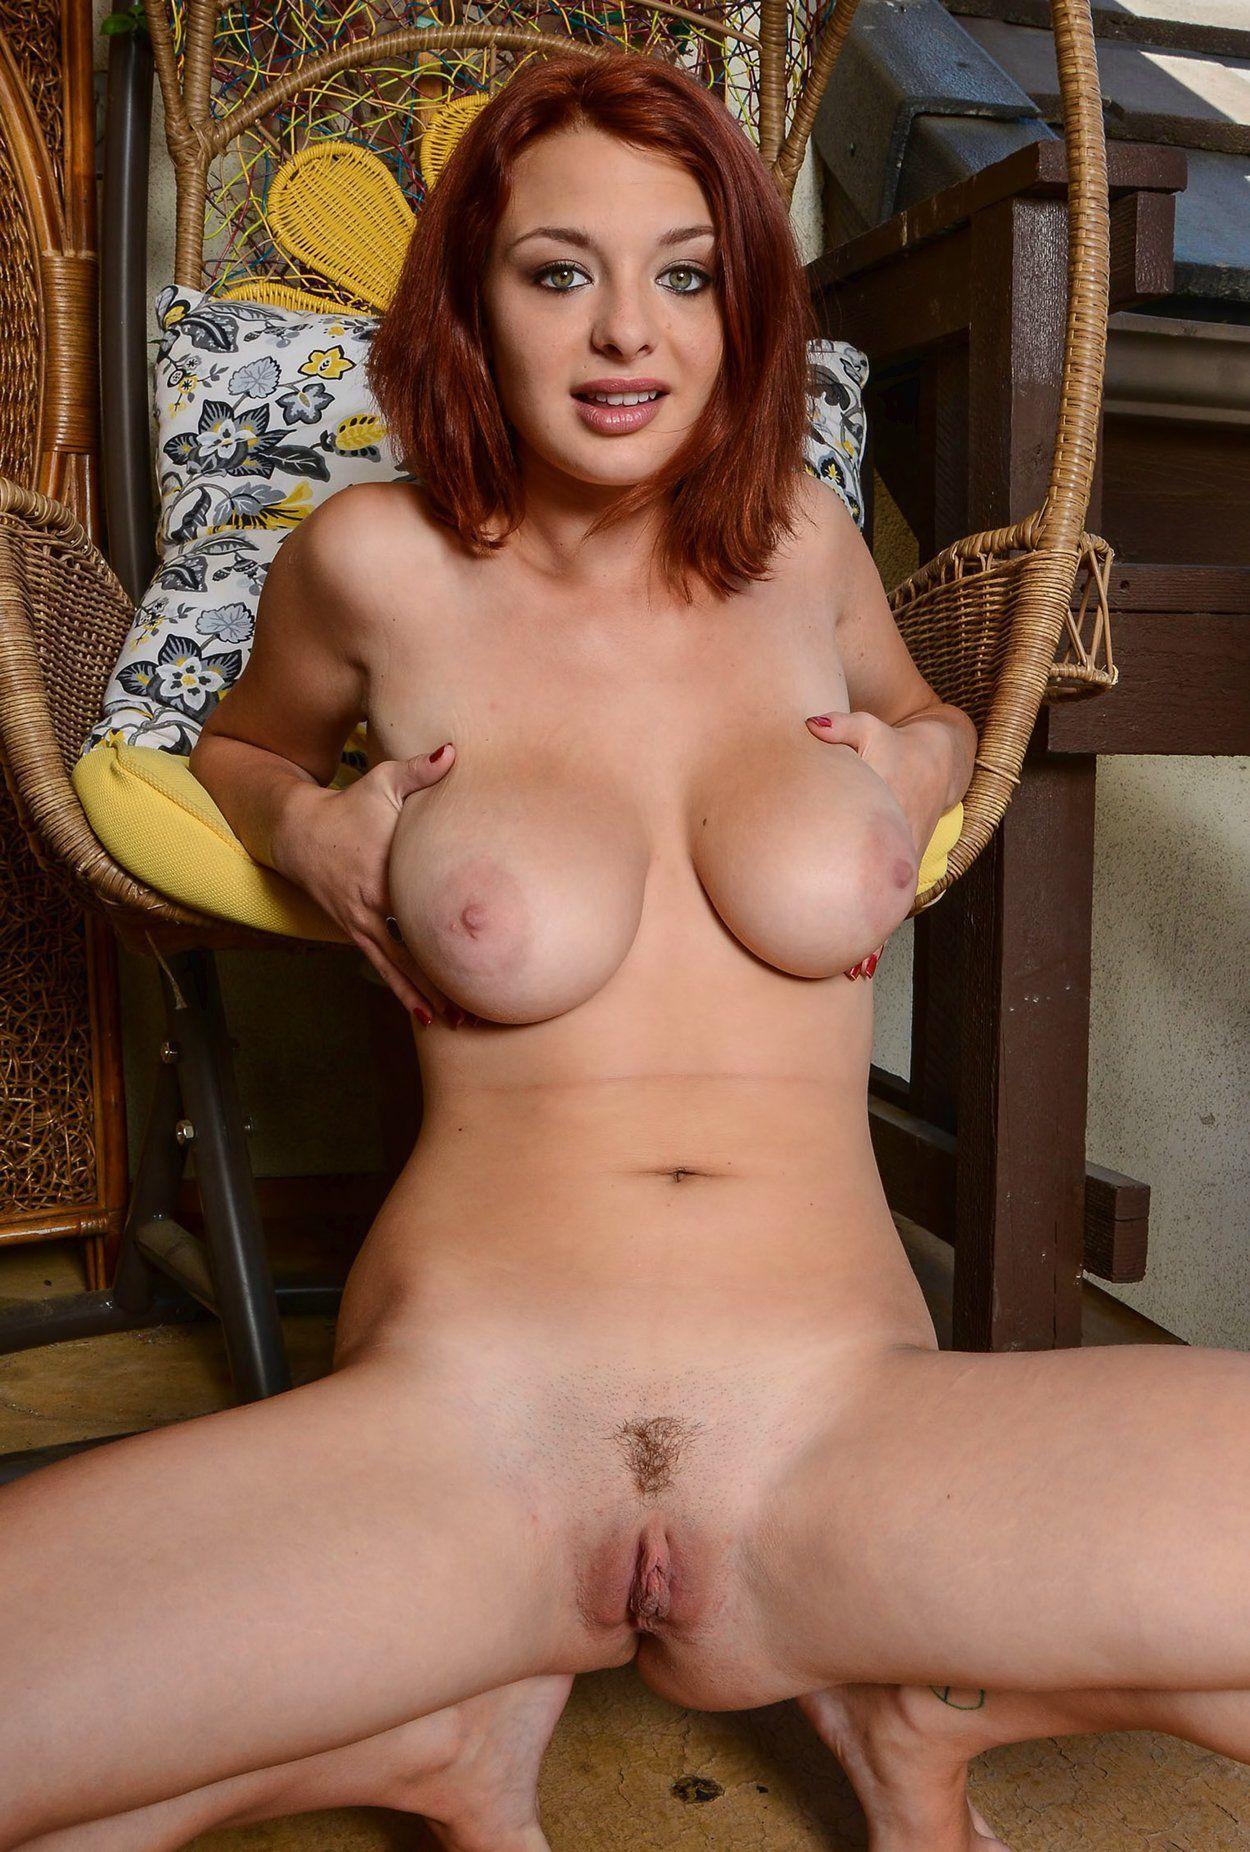 Actress Porn Amateur Natural Tits big busty natural redhead . porn pics & moveis. comments: 5